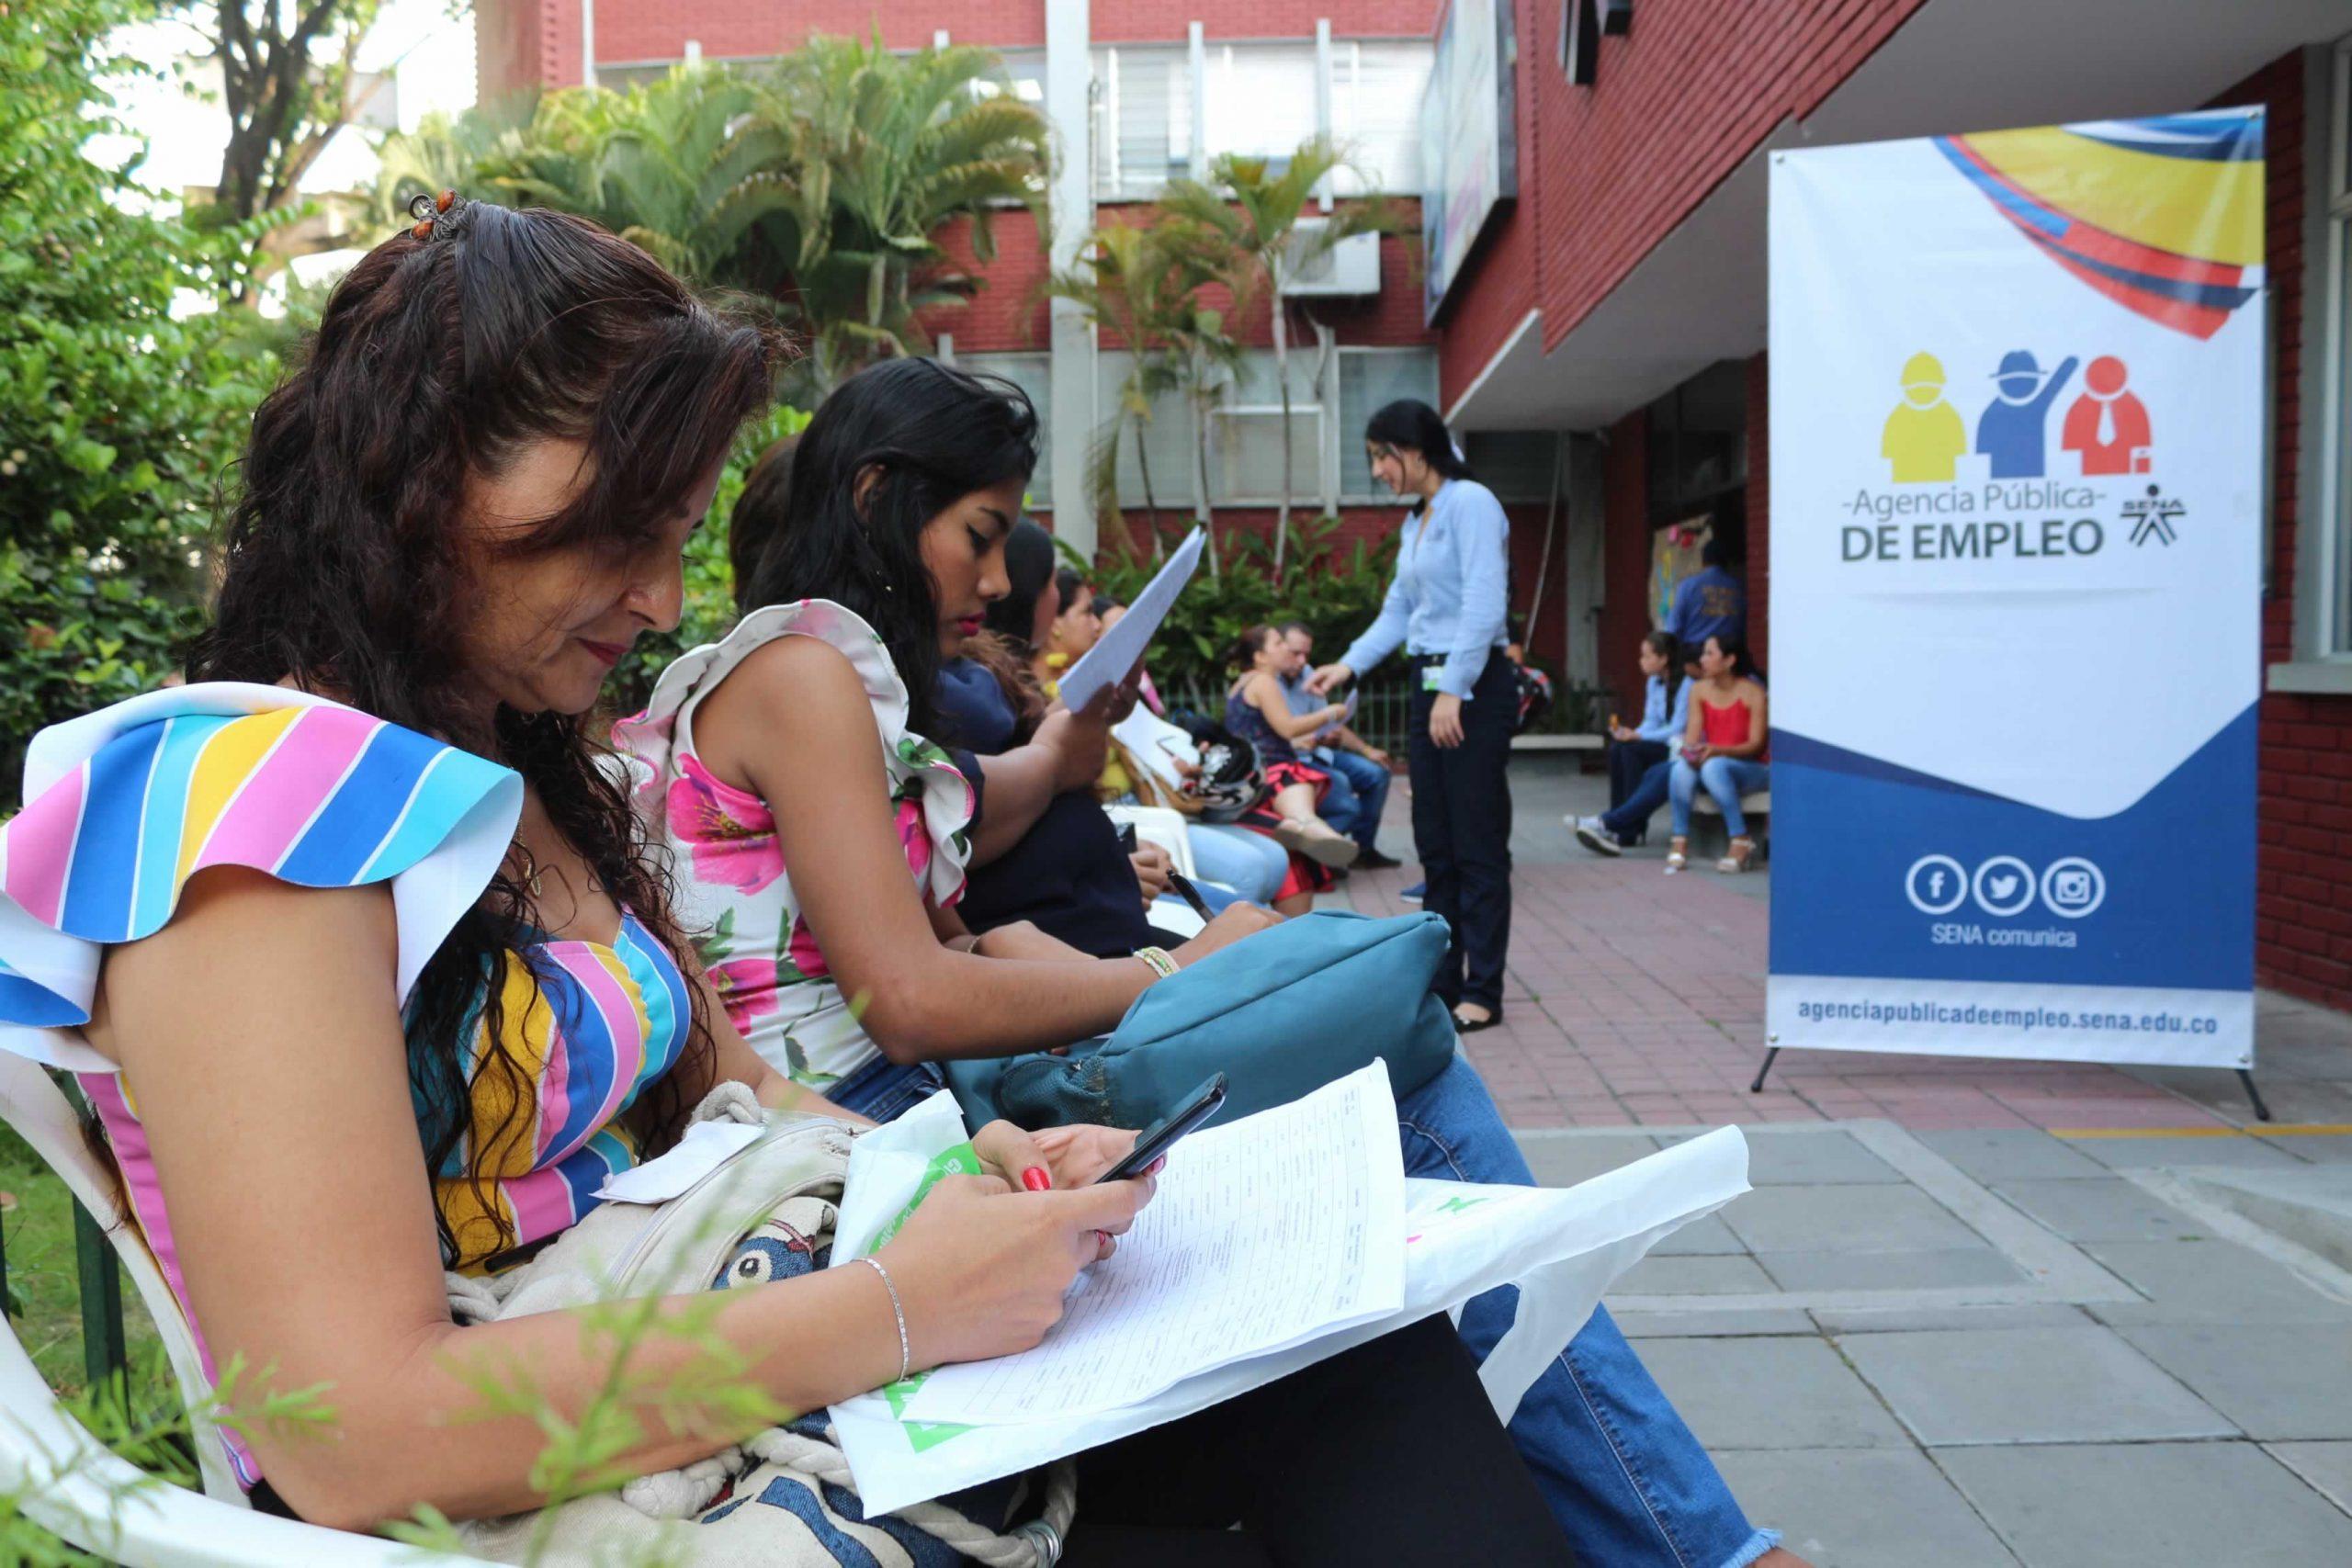 Los indicadores de igualdad no existen. ¿Cómo le fue a Colombia en el índice de movilidad social? | Nacional | Economía | EL FRENTE